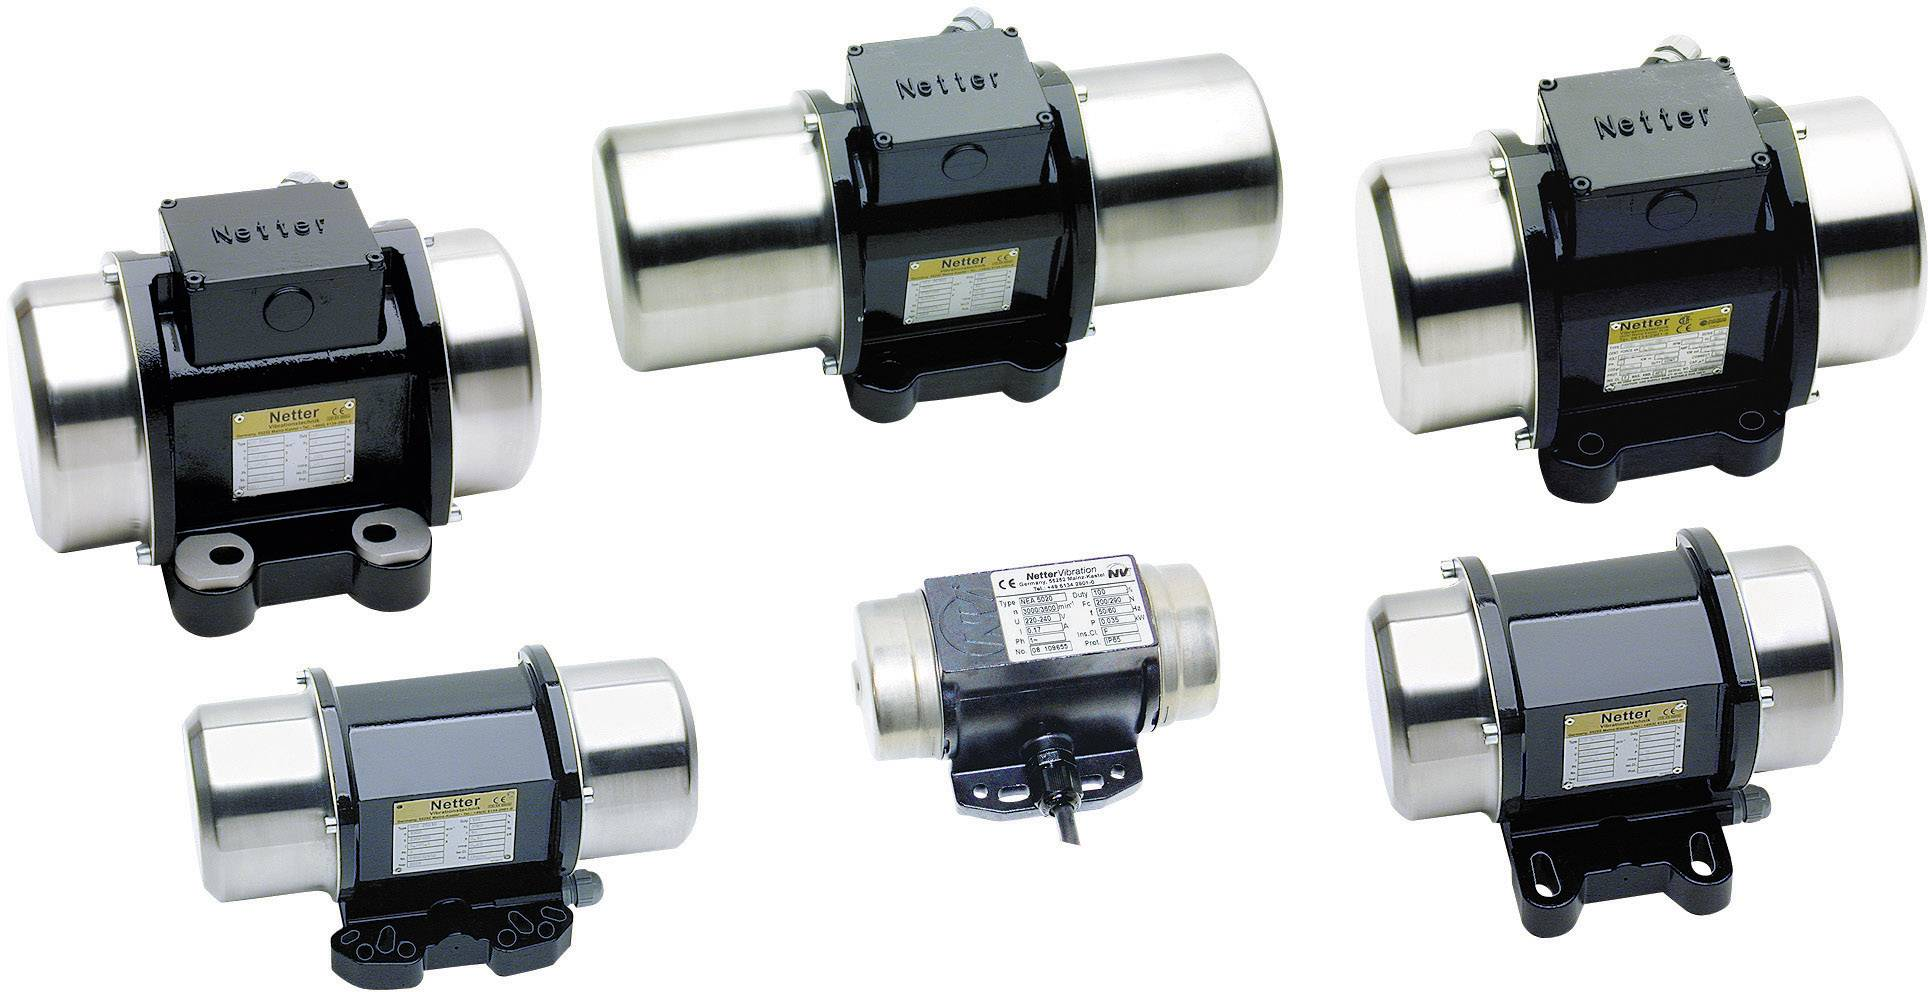 Vnější el. třepačka Netter Vibration NEG 5050, 3x 230 V, 450 N